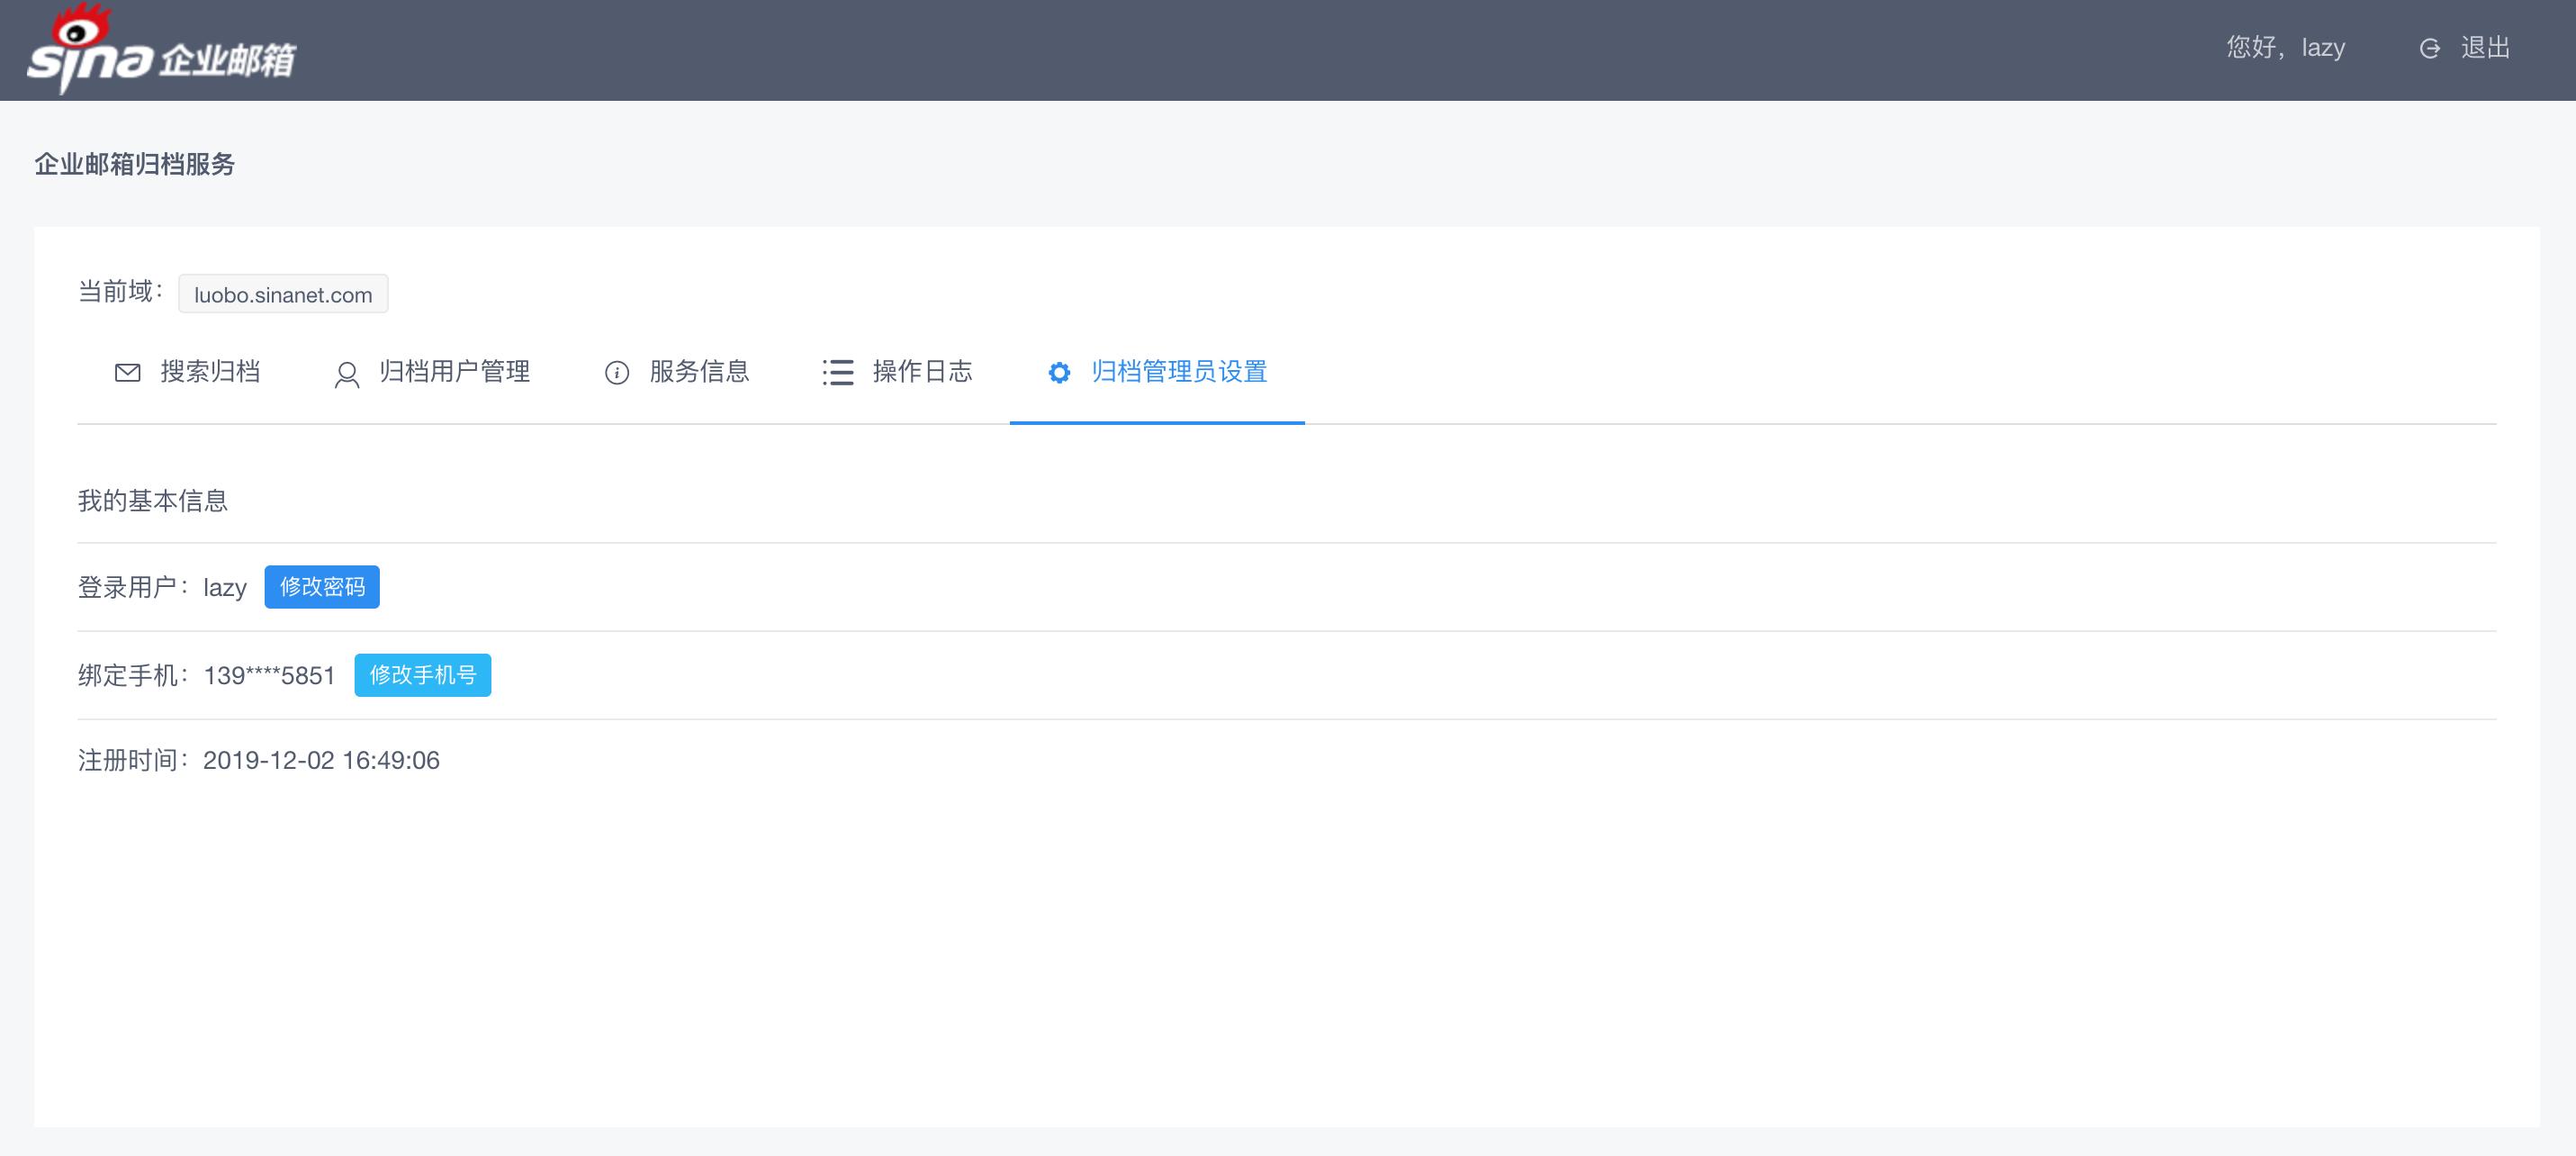 新浪郵件歸檔后臺使用說明